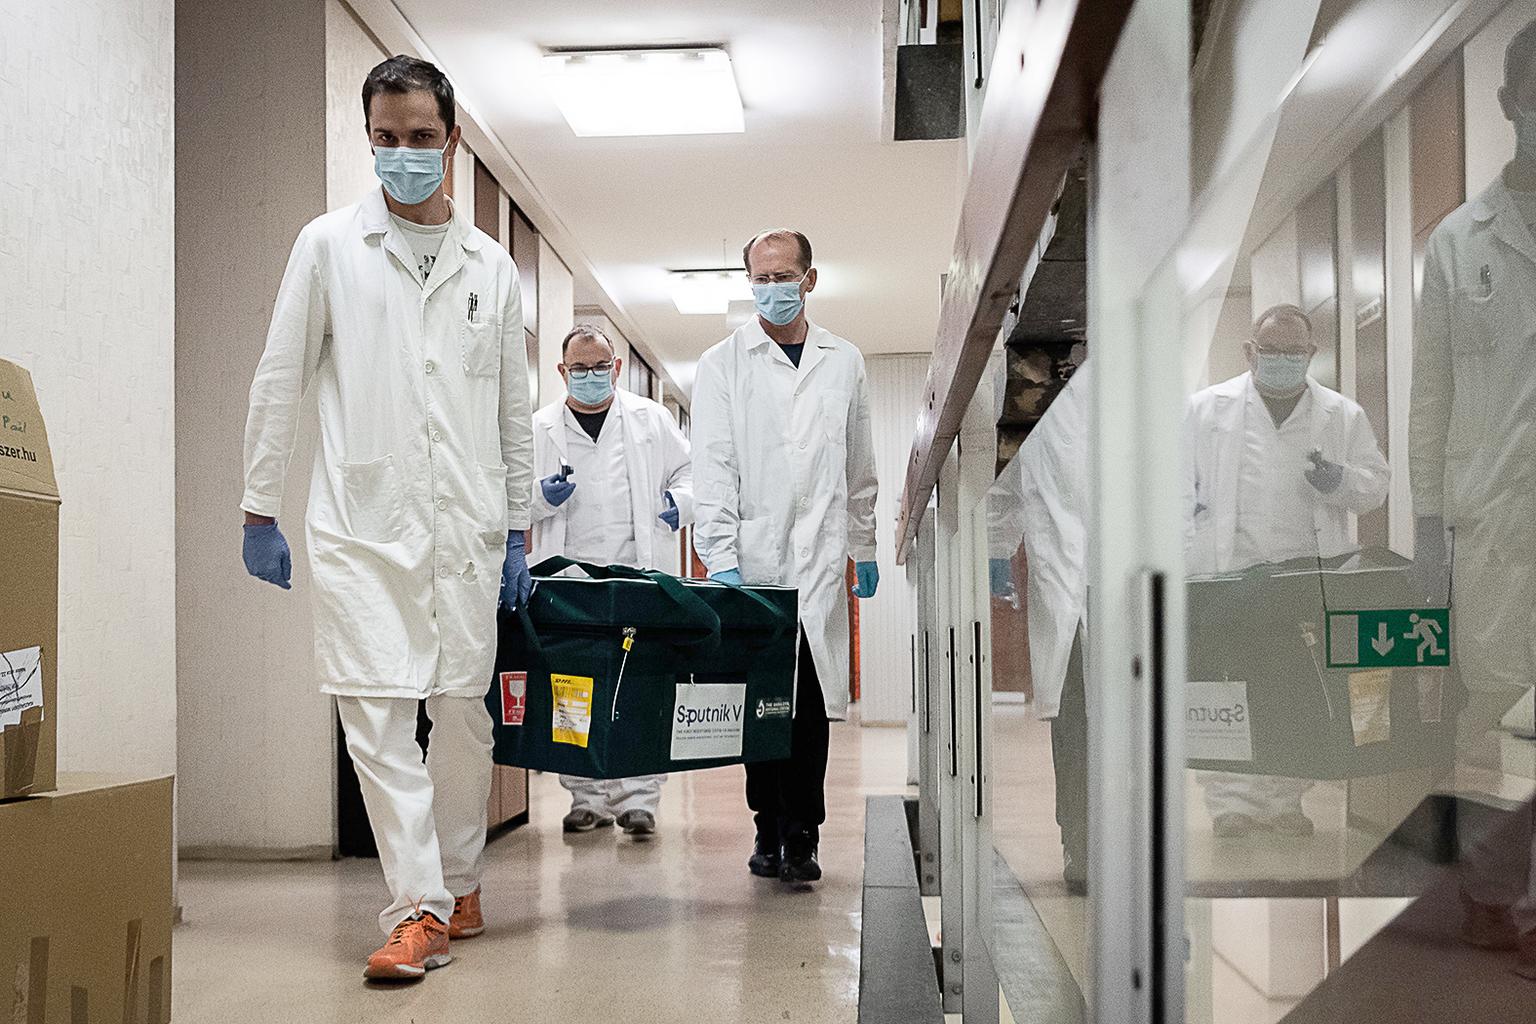 Laboratóriumi asszisztensek egy Oroszországból érkezett Szputnyik-V koronavírus elleni oltóanyagot tartalmazó táskát visznek 2020. november 11-én Budapesten Fotó:EUROPRESS/AFP/Magyar Külgazdasági és Külügyminisztérium #moszkvater